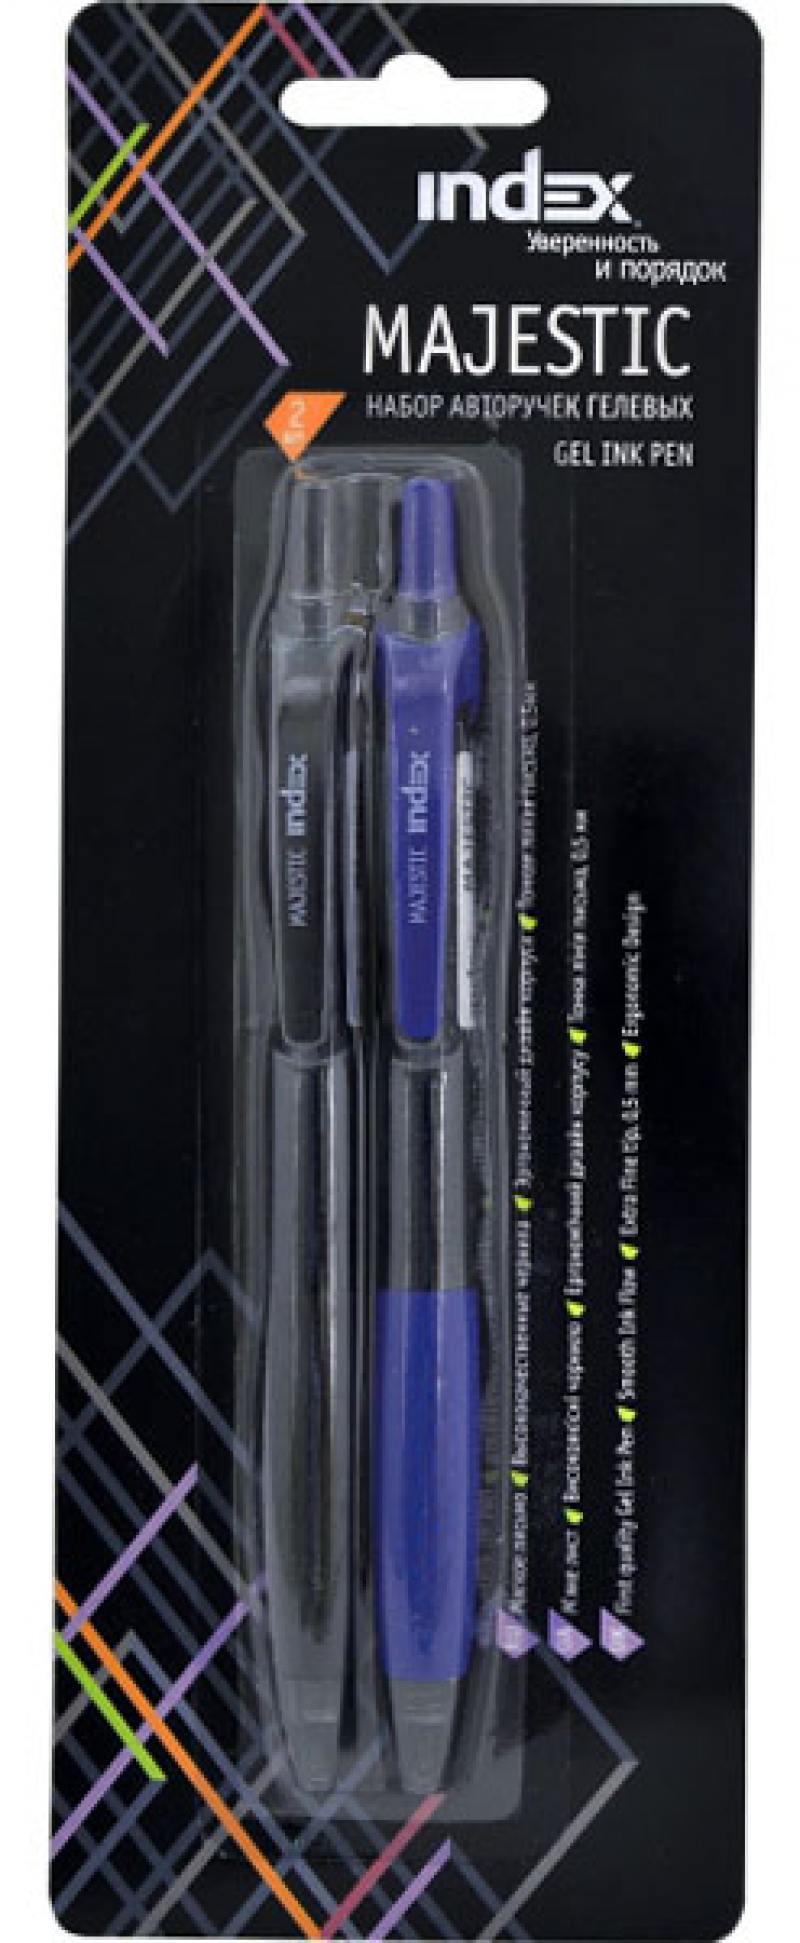 Набор гелевых ручек автоматическая Index Majestic 2 шт синий черный 0.5 мм IGP234/2 IGP234/2 набор шариковых ручек стамм ро06 3 шт разноцветный 1 мм ро06